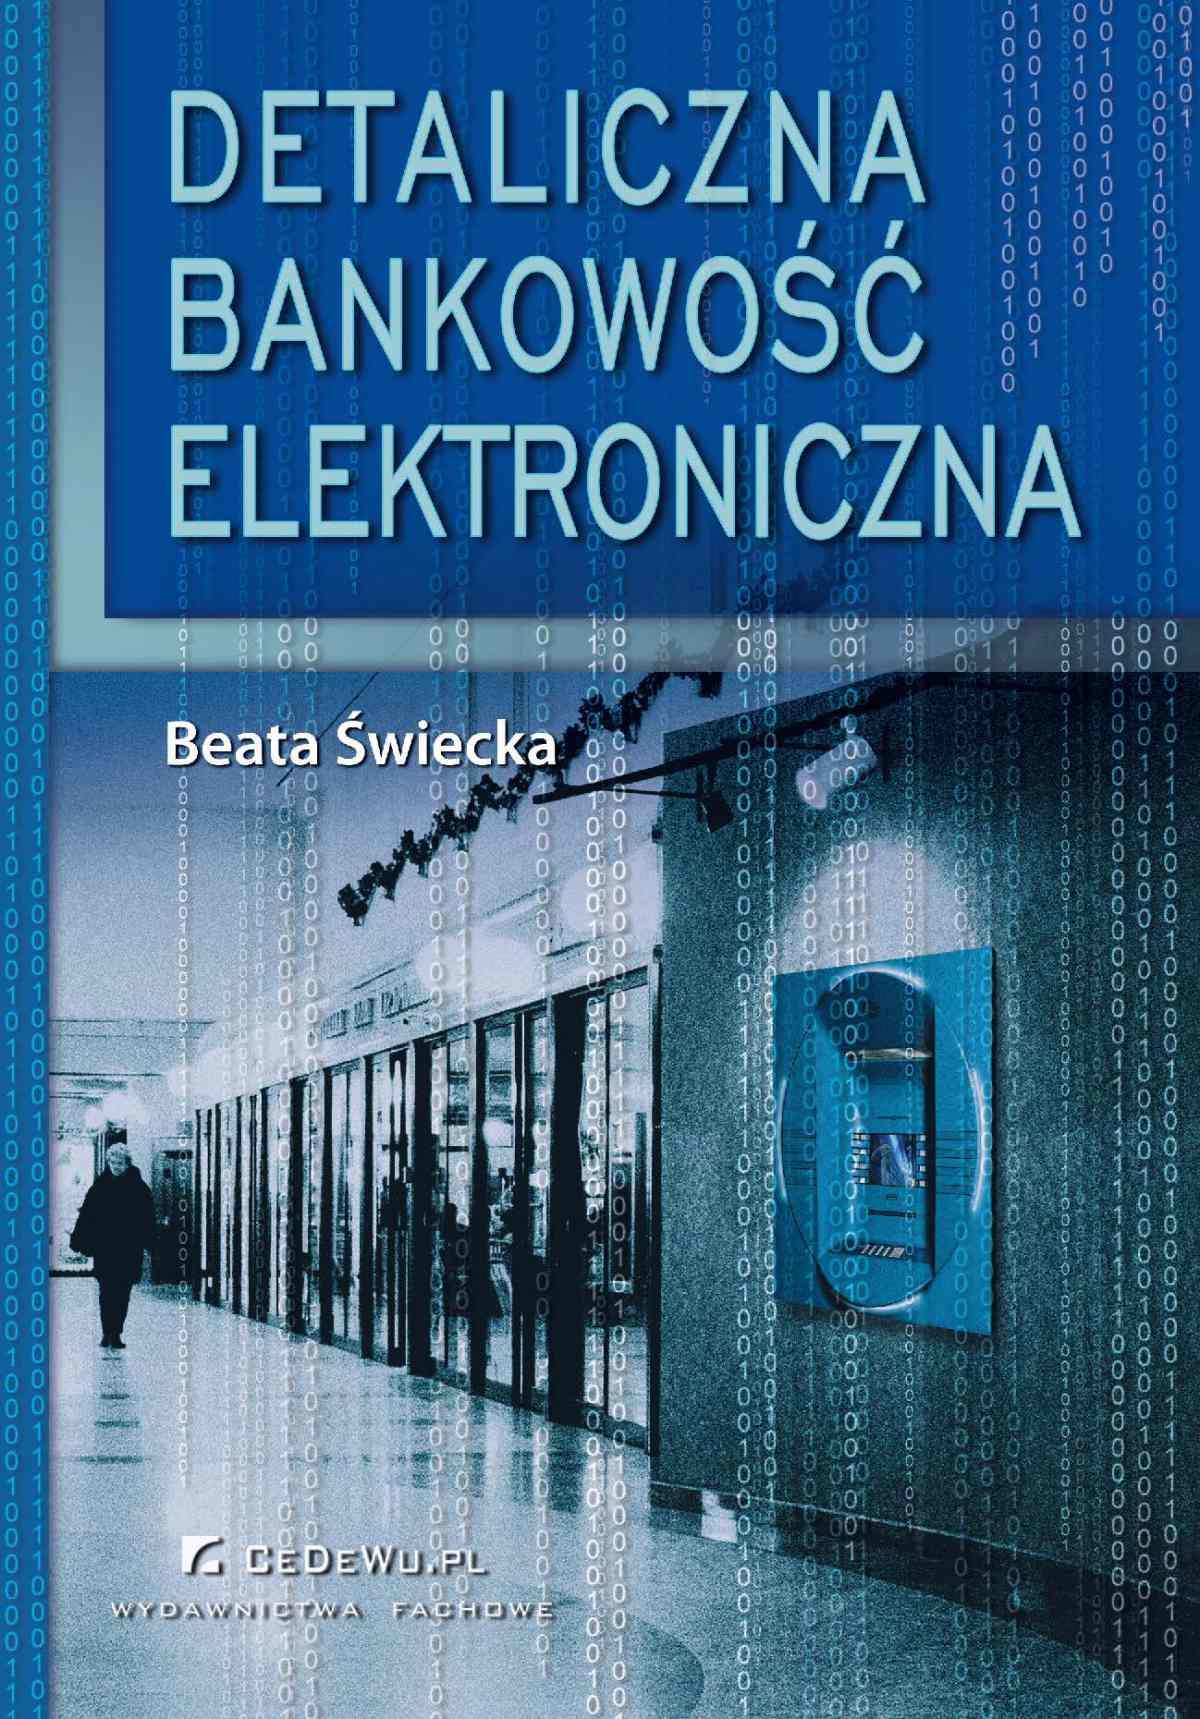 Detaliczna bankowość elektroniczna - Ebook (Książka PDF) do pobrania w formacie PDF